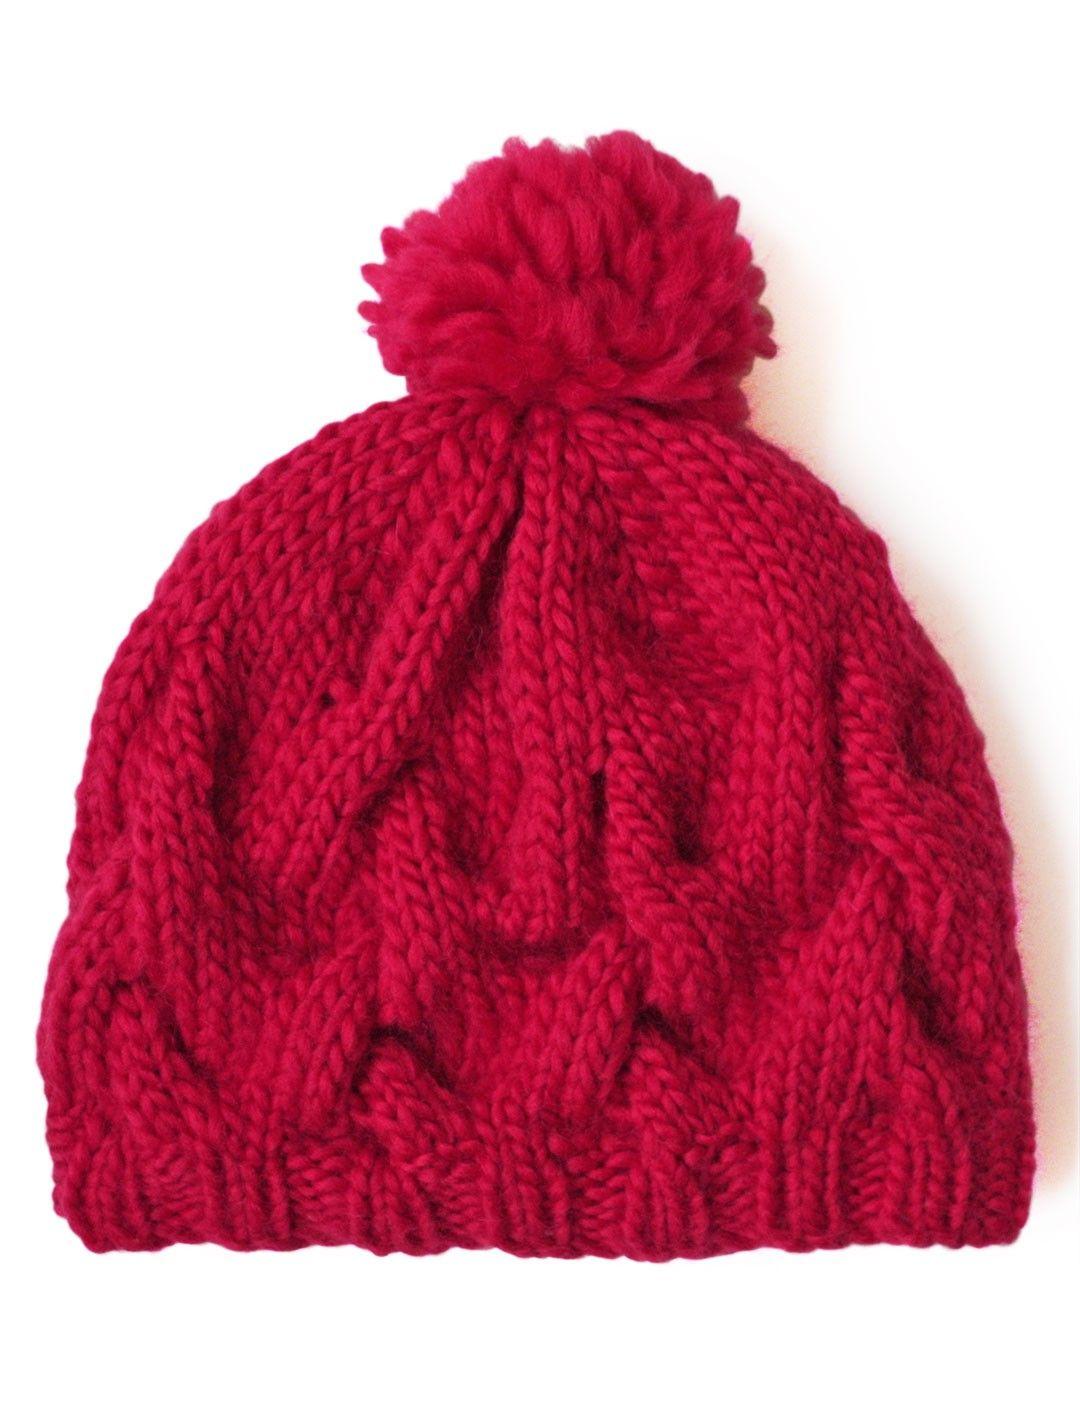 Yarnspirations.com - Patons Cushy Cable Hat - Free Pattern - knit ...